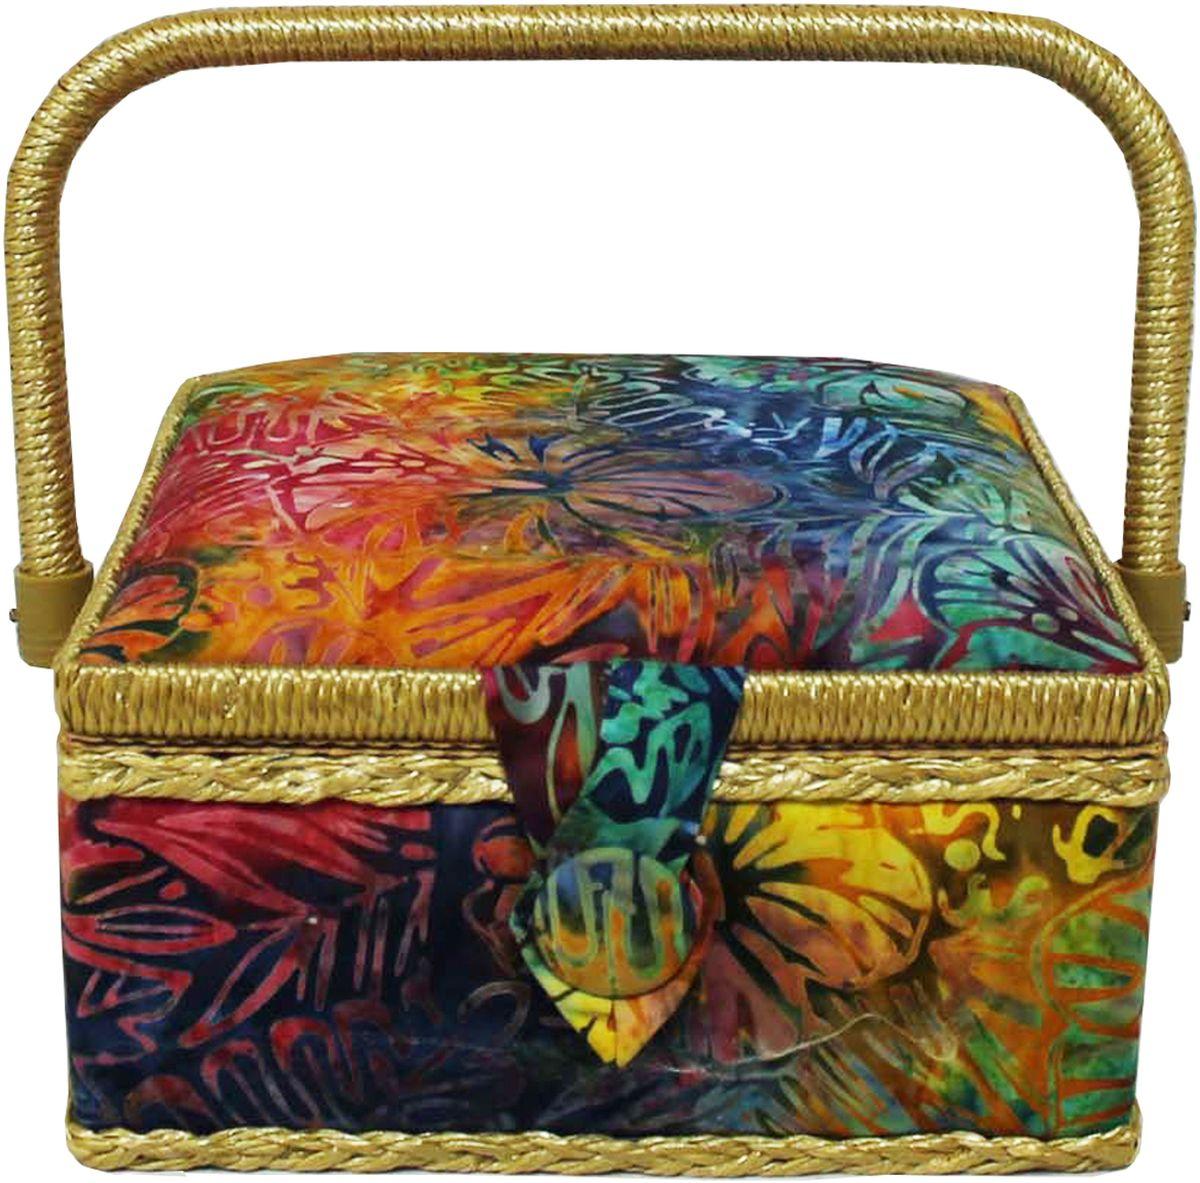 Шкатулка для рукоделия Grace & Glamour, 20 х 20 х 11 см. BN4754BN4754Интерьерная шкатулка из коллекции Батик выполнена с использованием натуральных материалов: каркас из дерева обтянут дизайнерской тканью Robert Kaufman (100% хлопок) с мягким наполнителем. Внутри шкатулка отделана искусственным шелком, имеется кармашек на резинке и шелковая игольница с двумя булавками. Шкатулка оснащена пластиковым вкладышем с 3 отсеками для мелочей. Ручка и края отделаны натуральным ротангом, который не только украшает шкатулку, но и оберегает края. Шкатулка поможет рукодельнице сорганизовать свое рабочее место, а значит, сократить время на создание своего творения. А кроме того, украсит любой интерьер и будет радовать свою обладательницу долгие годы благодаря качественному исполнению и материалам. Прекрасный подарок любой женщине!